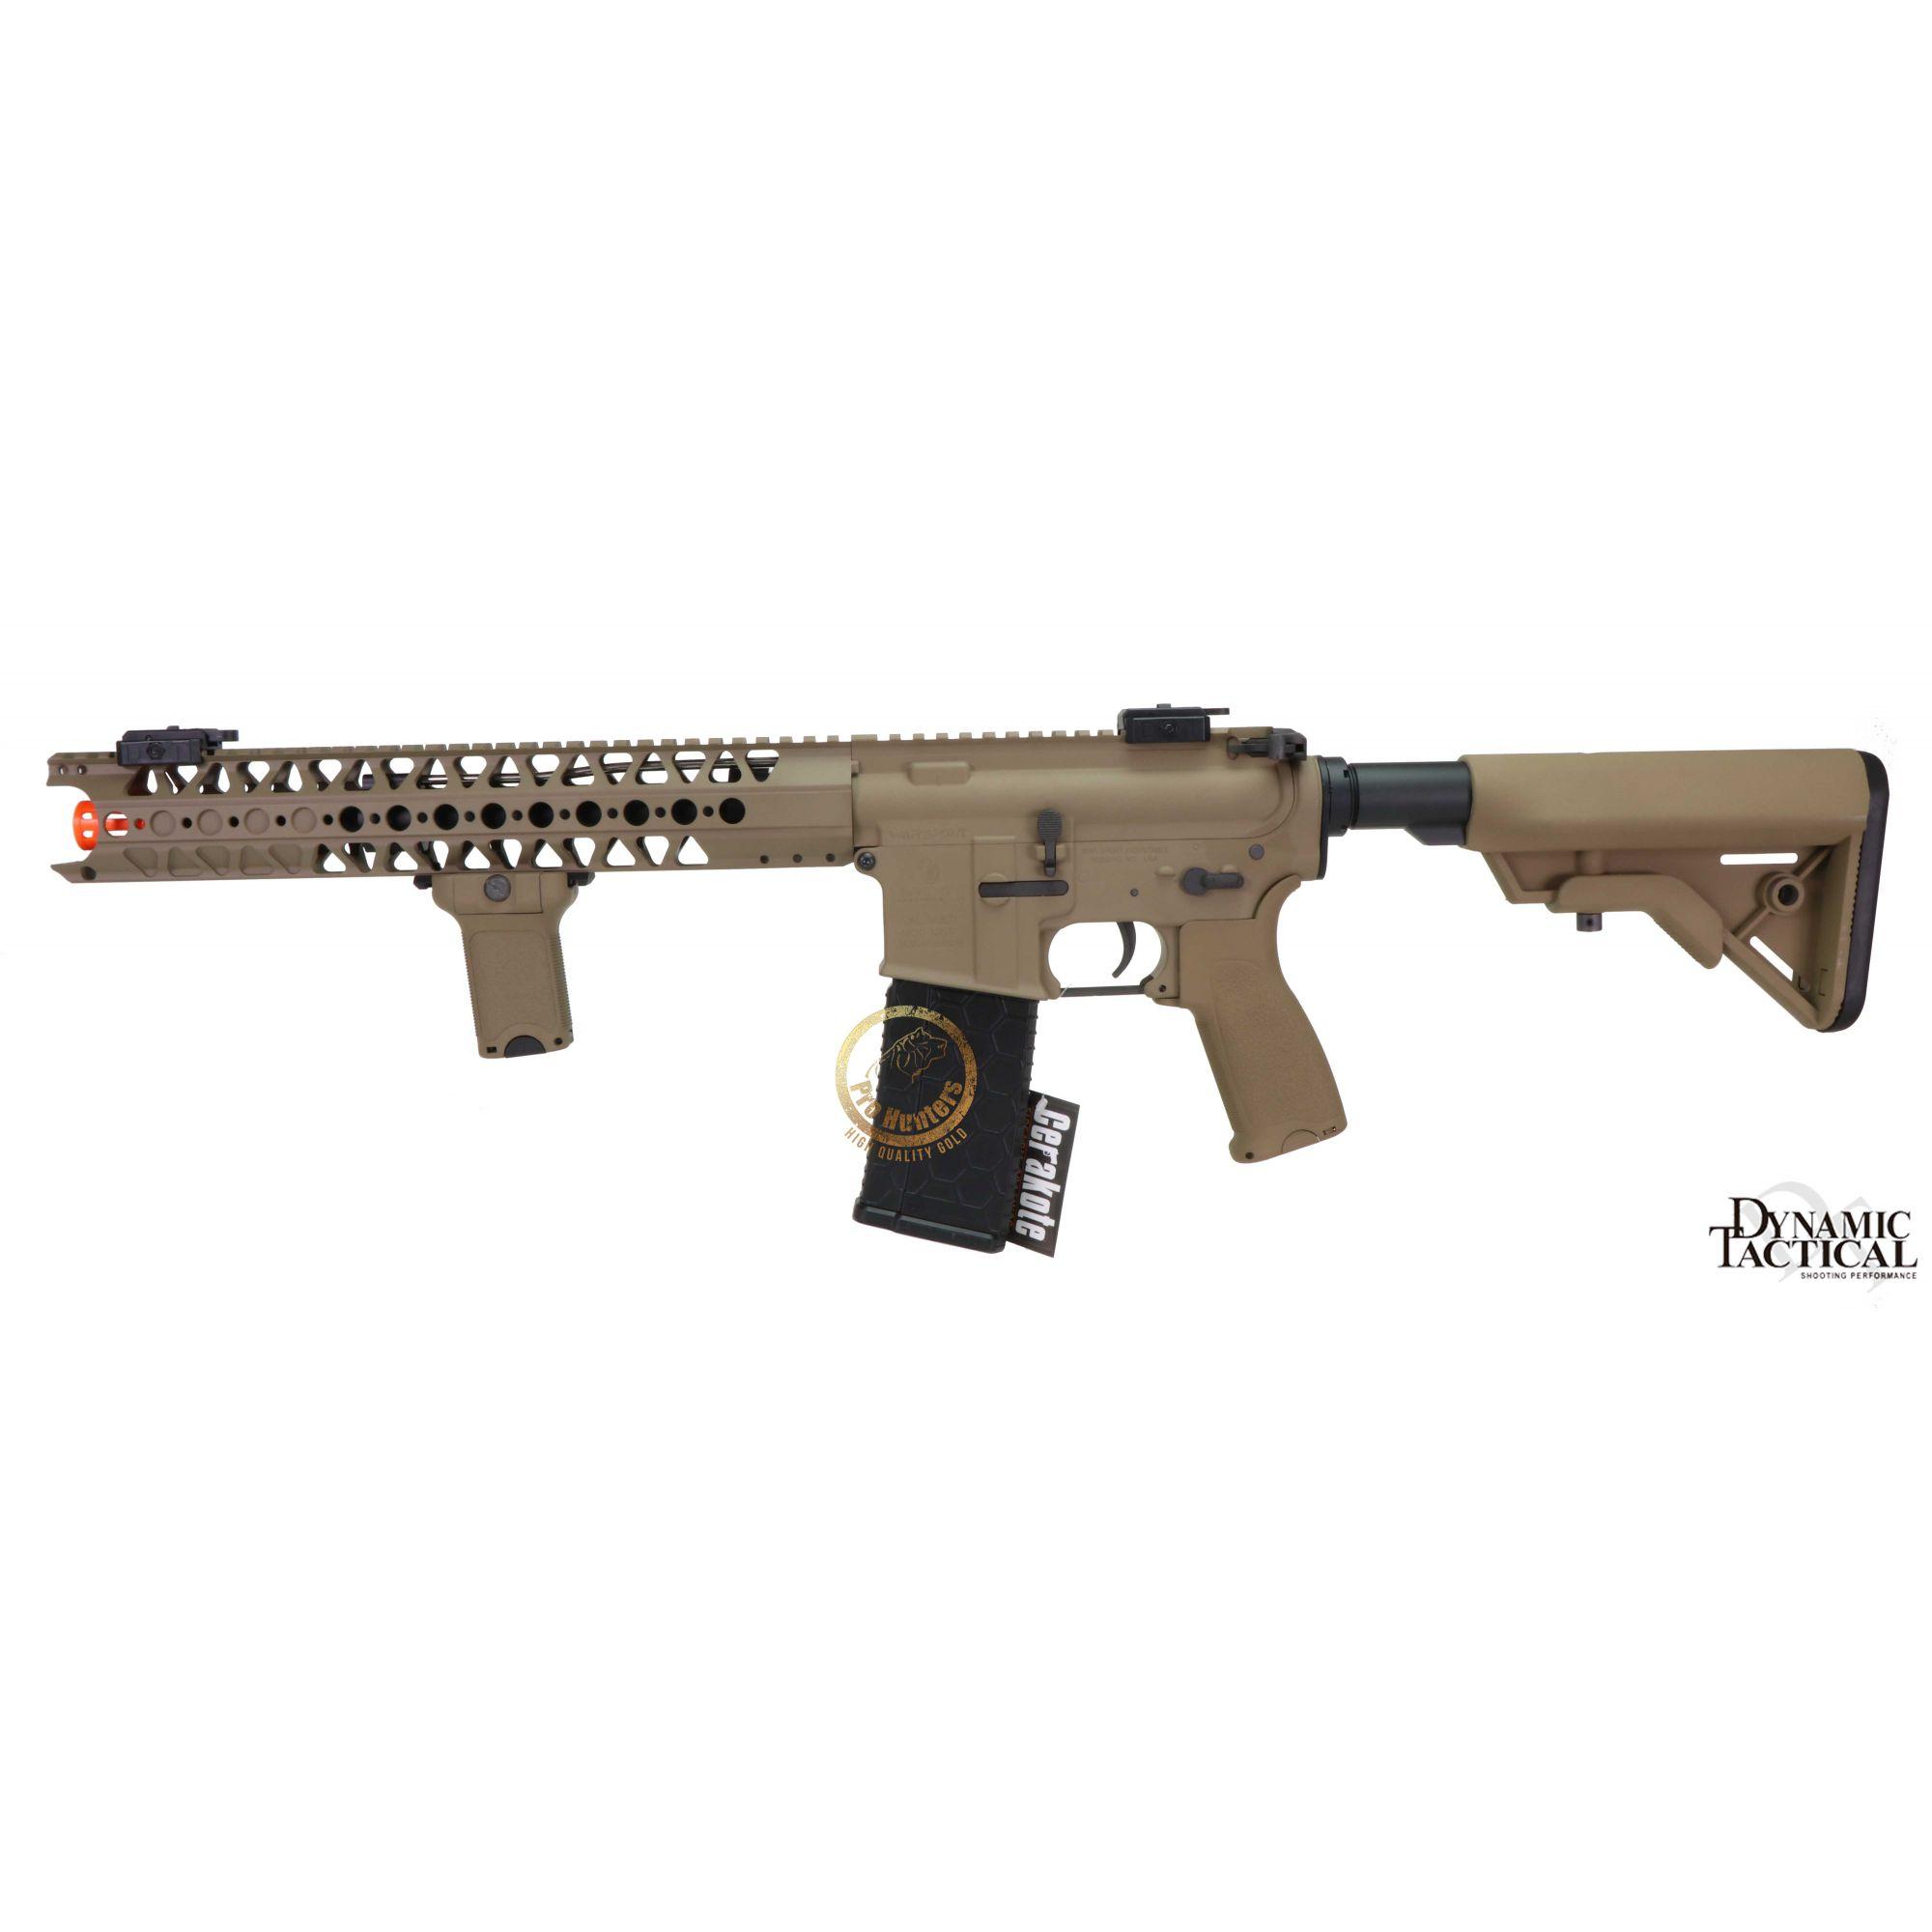 Rifle Airsoft Dytac LA M4 SBR - Dark Earth